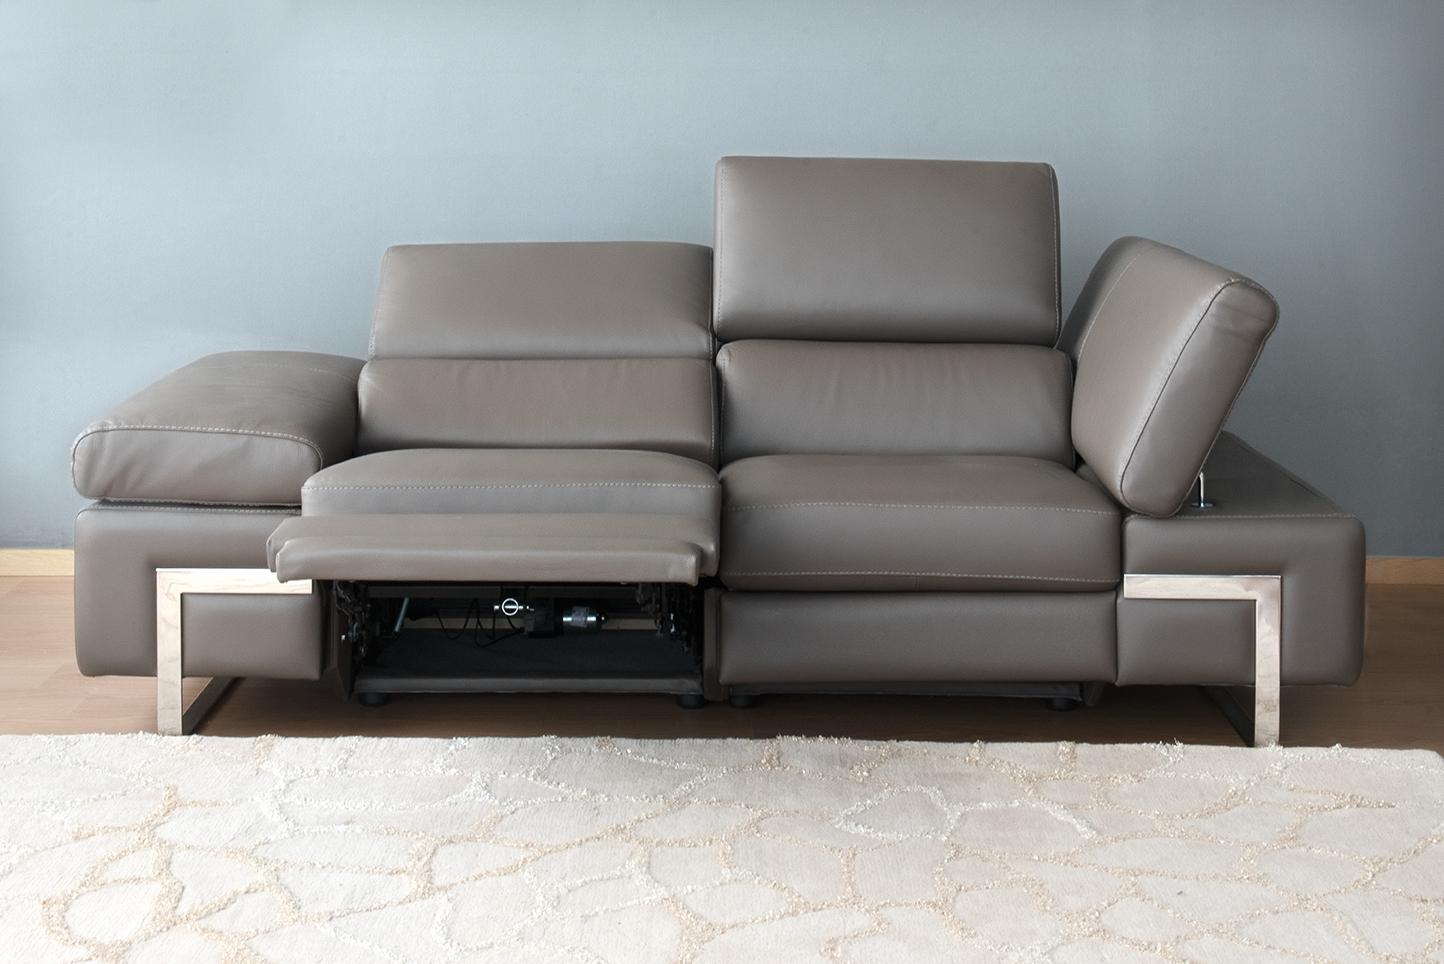 Divani Con Meccanismo Relax divano in pelle - relax elettrici poggiatesta e braccioli